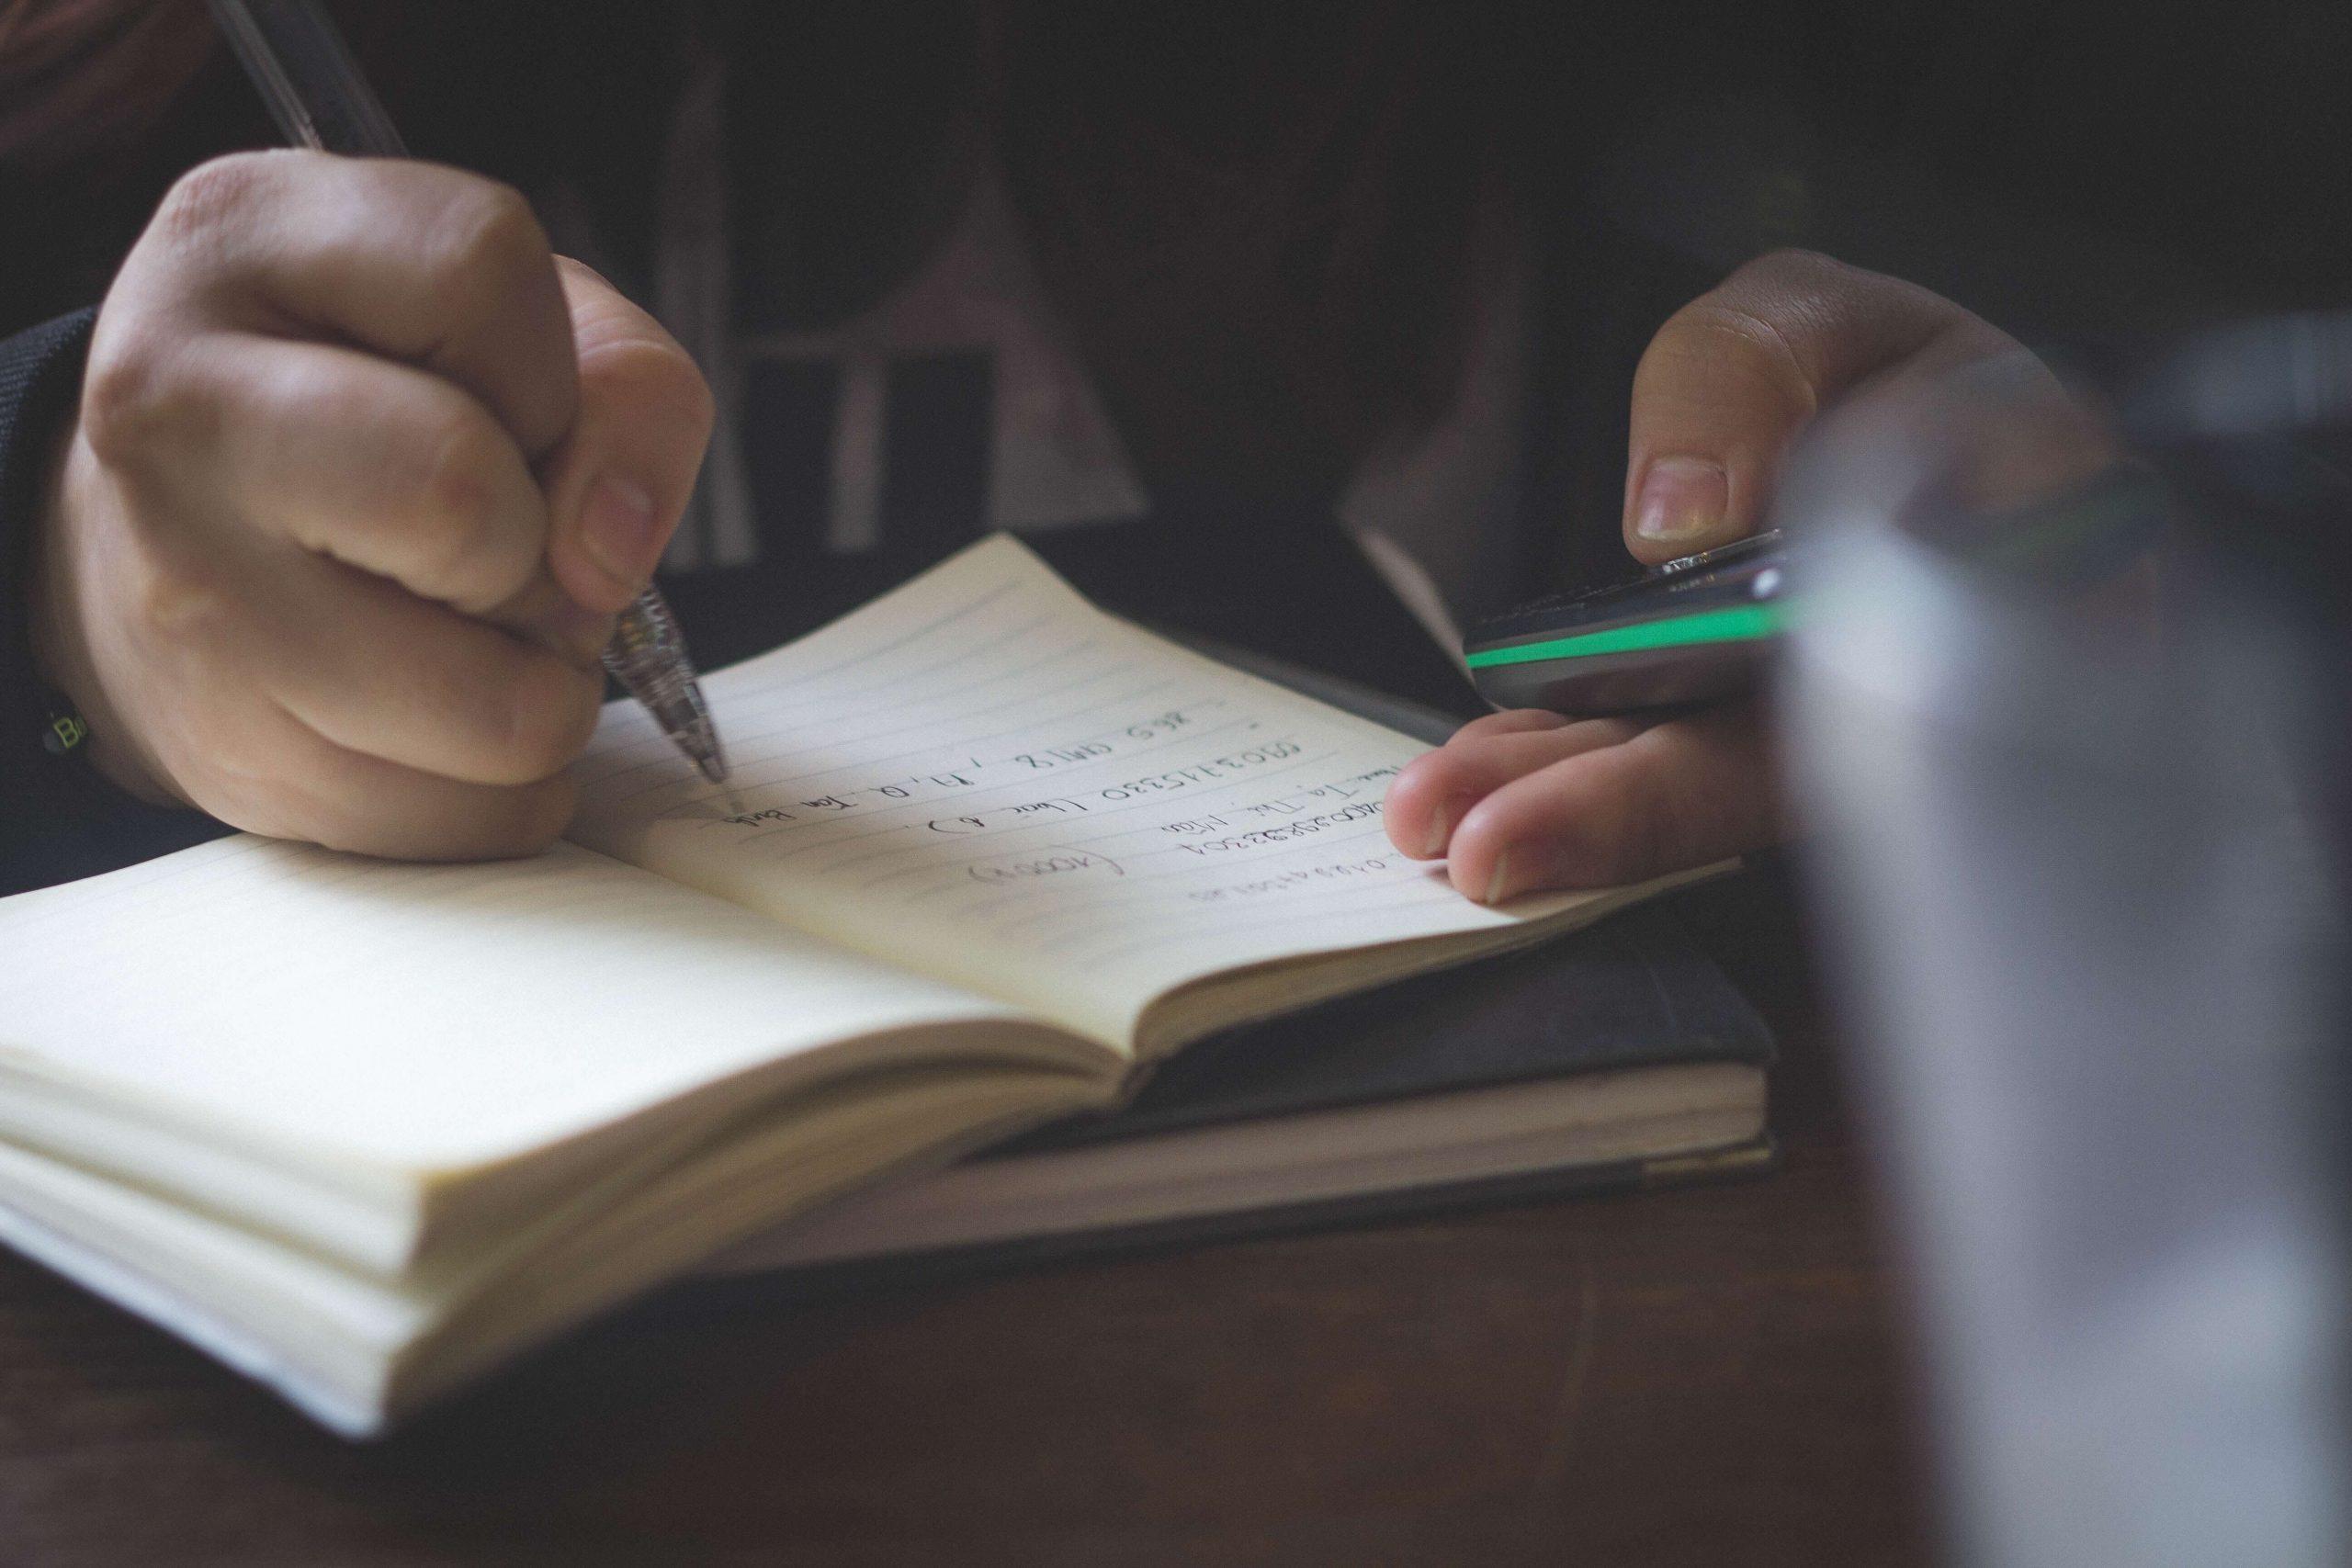 קורס לתלמידי תיכון